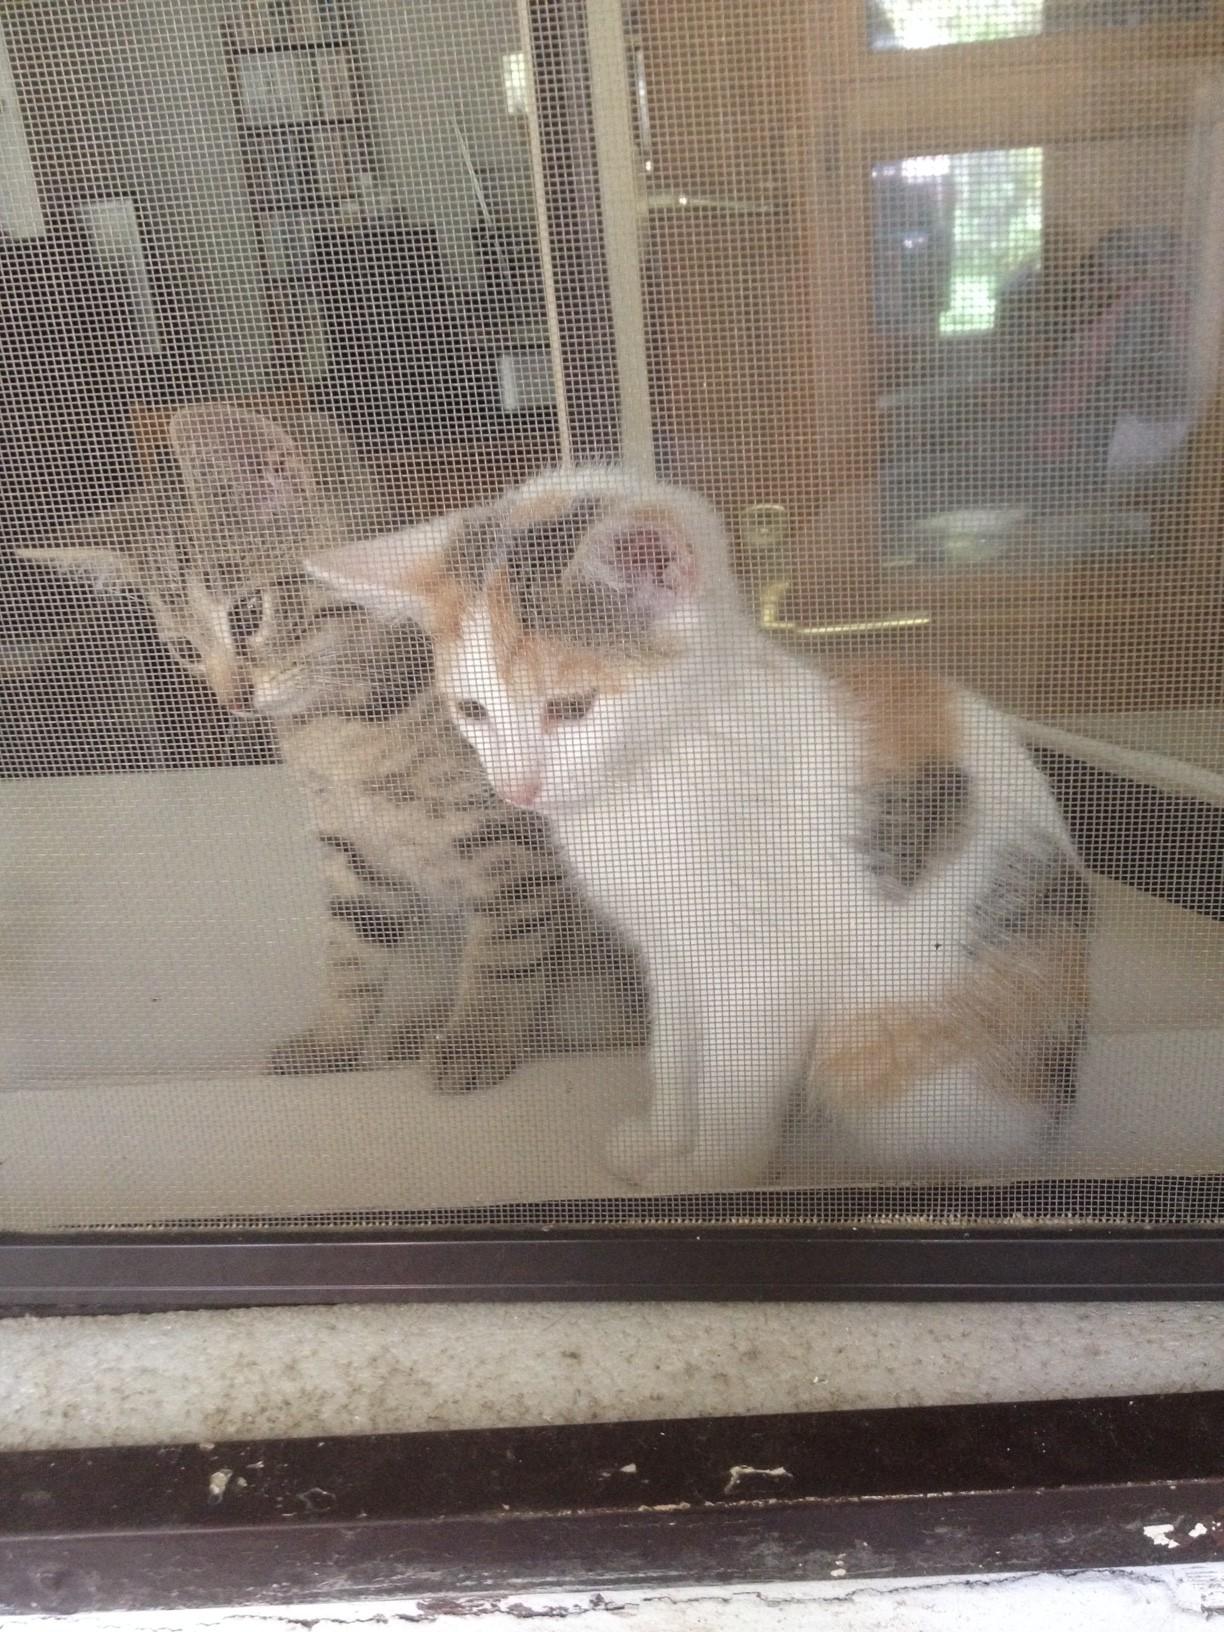 Macskák az ablakban: Titus (a cirmos) és Zazie (a foltos) megérkezett. Éppen Elmót, a kutyát figyelik...